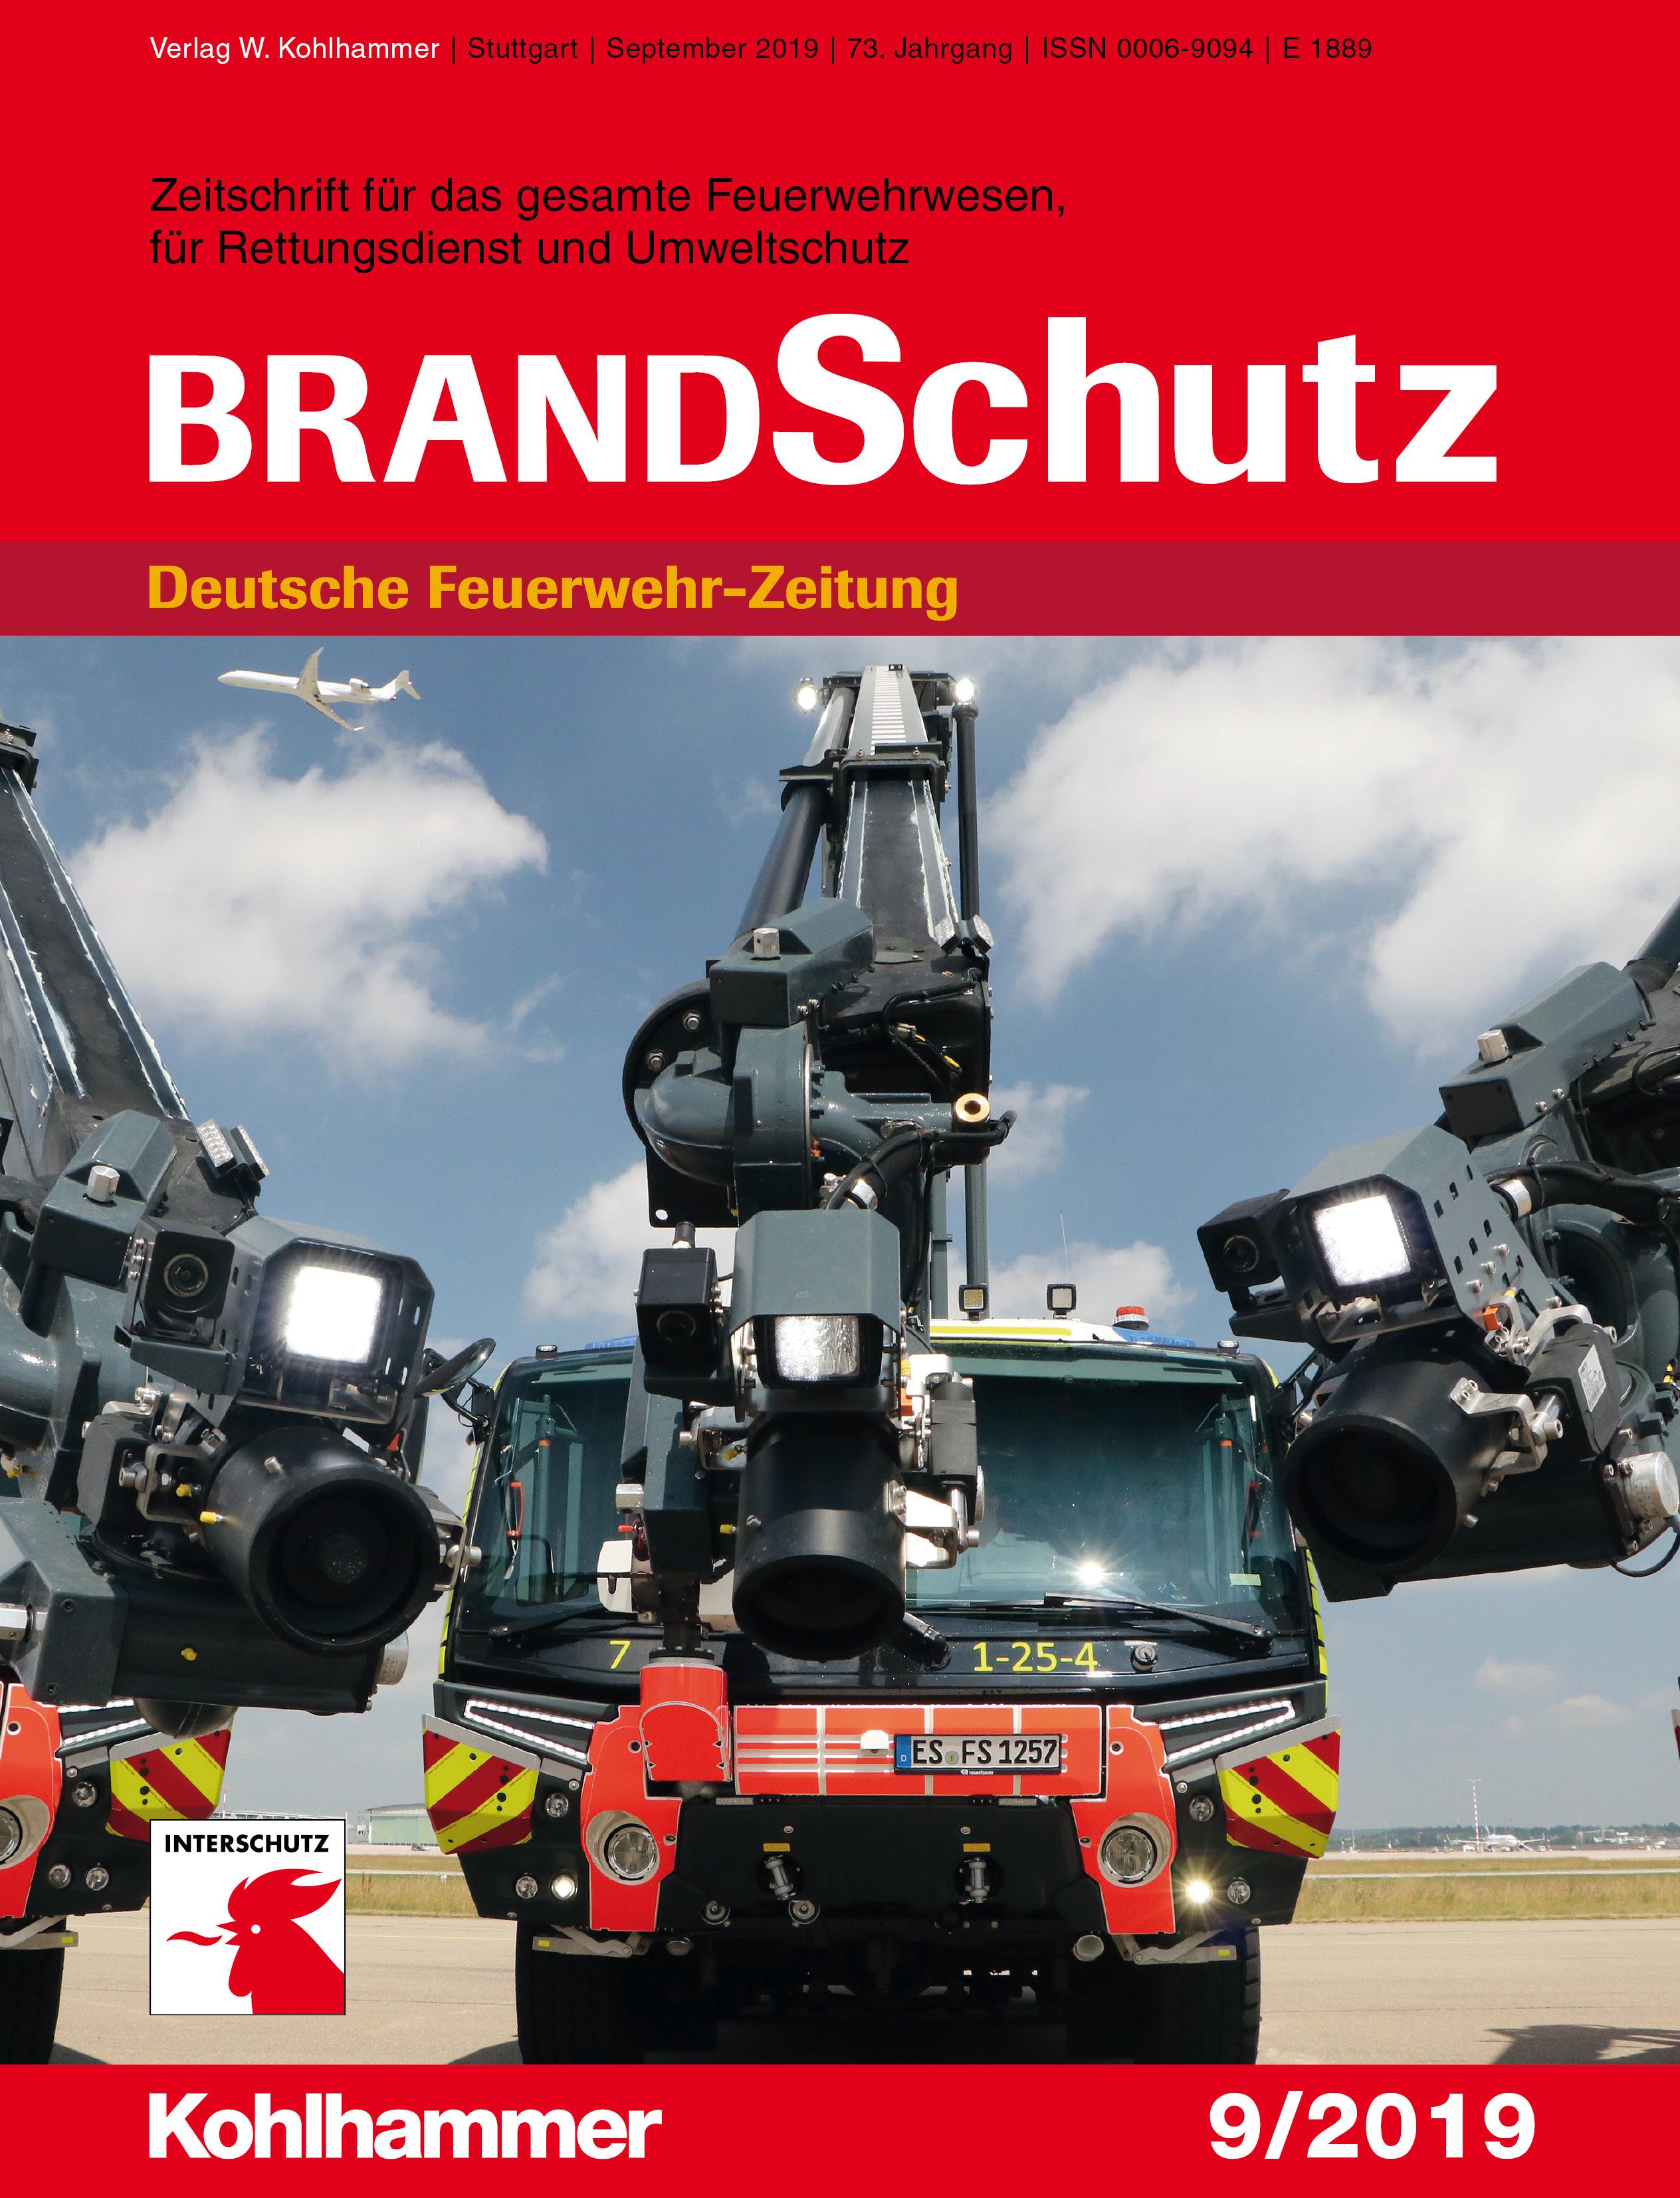 Brandschutz Feuerwehr